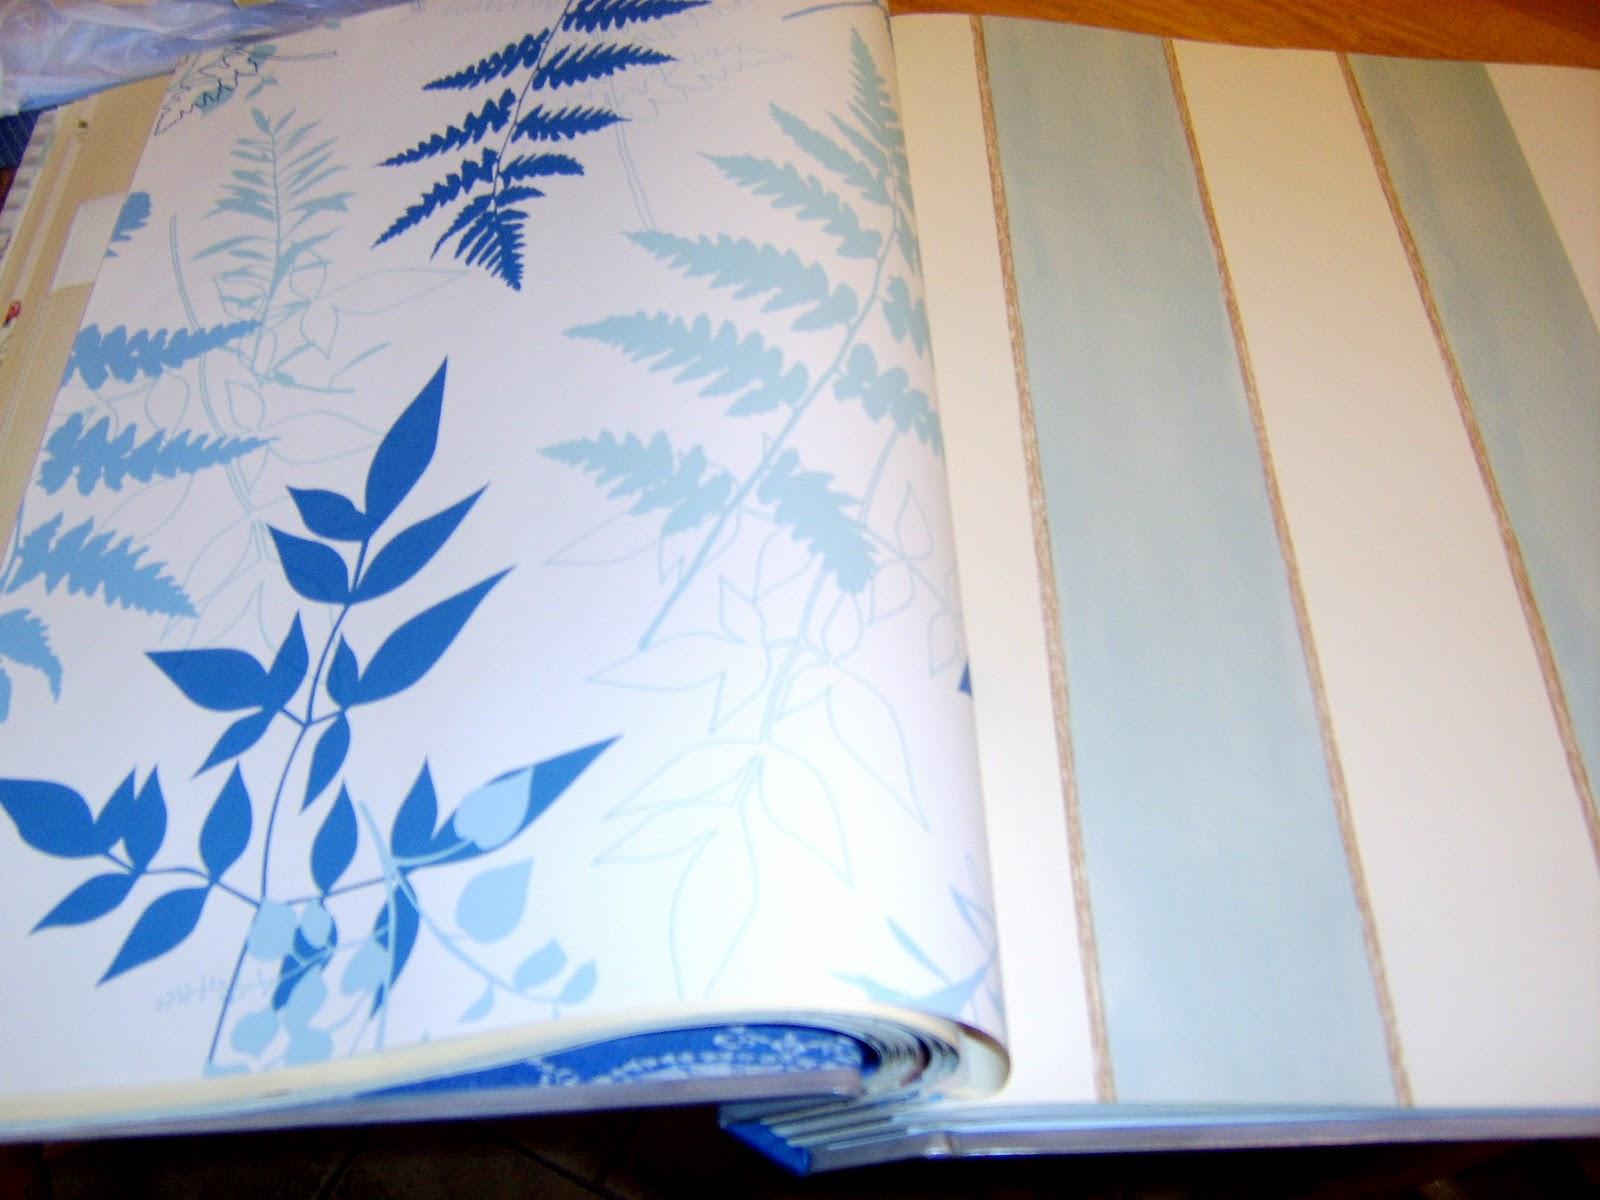 Wallpaper Sample Books 1600x1200